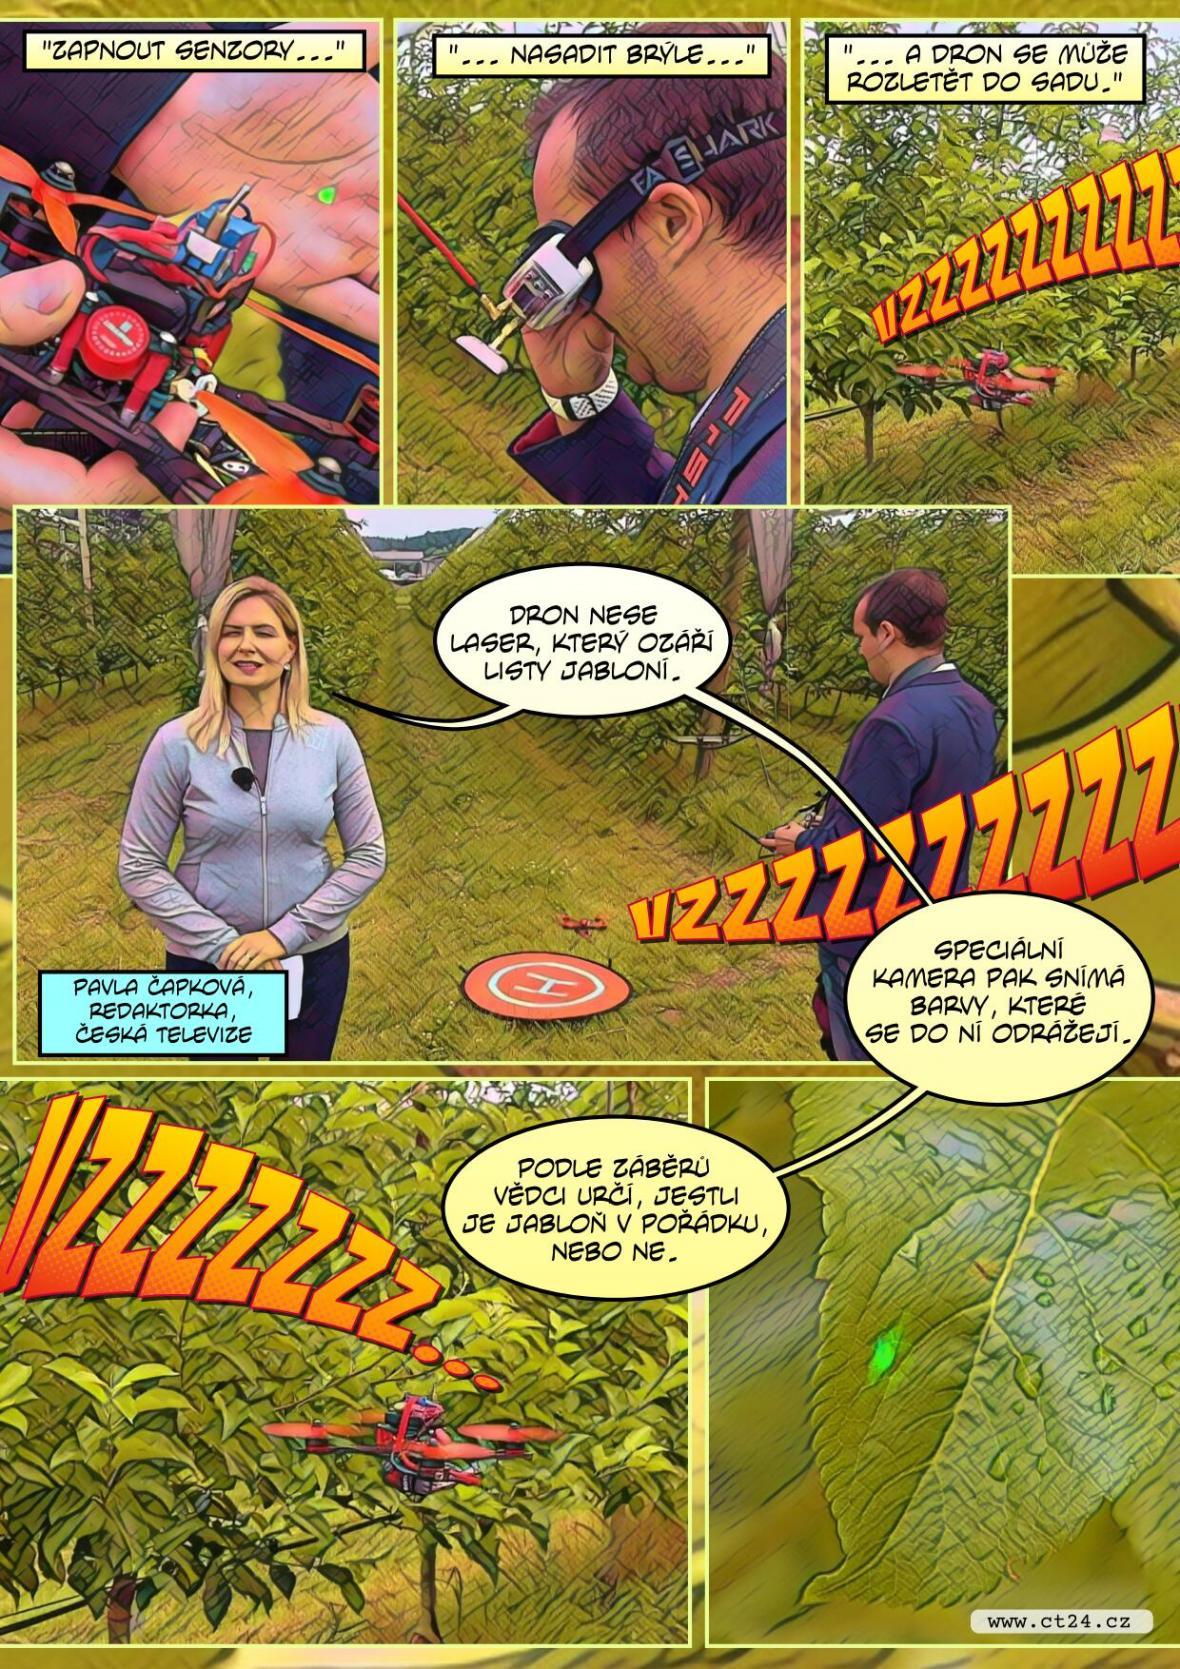 Laserové drony pomáhají zemědělcům